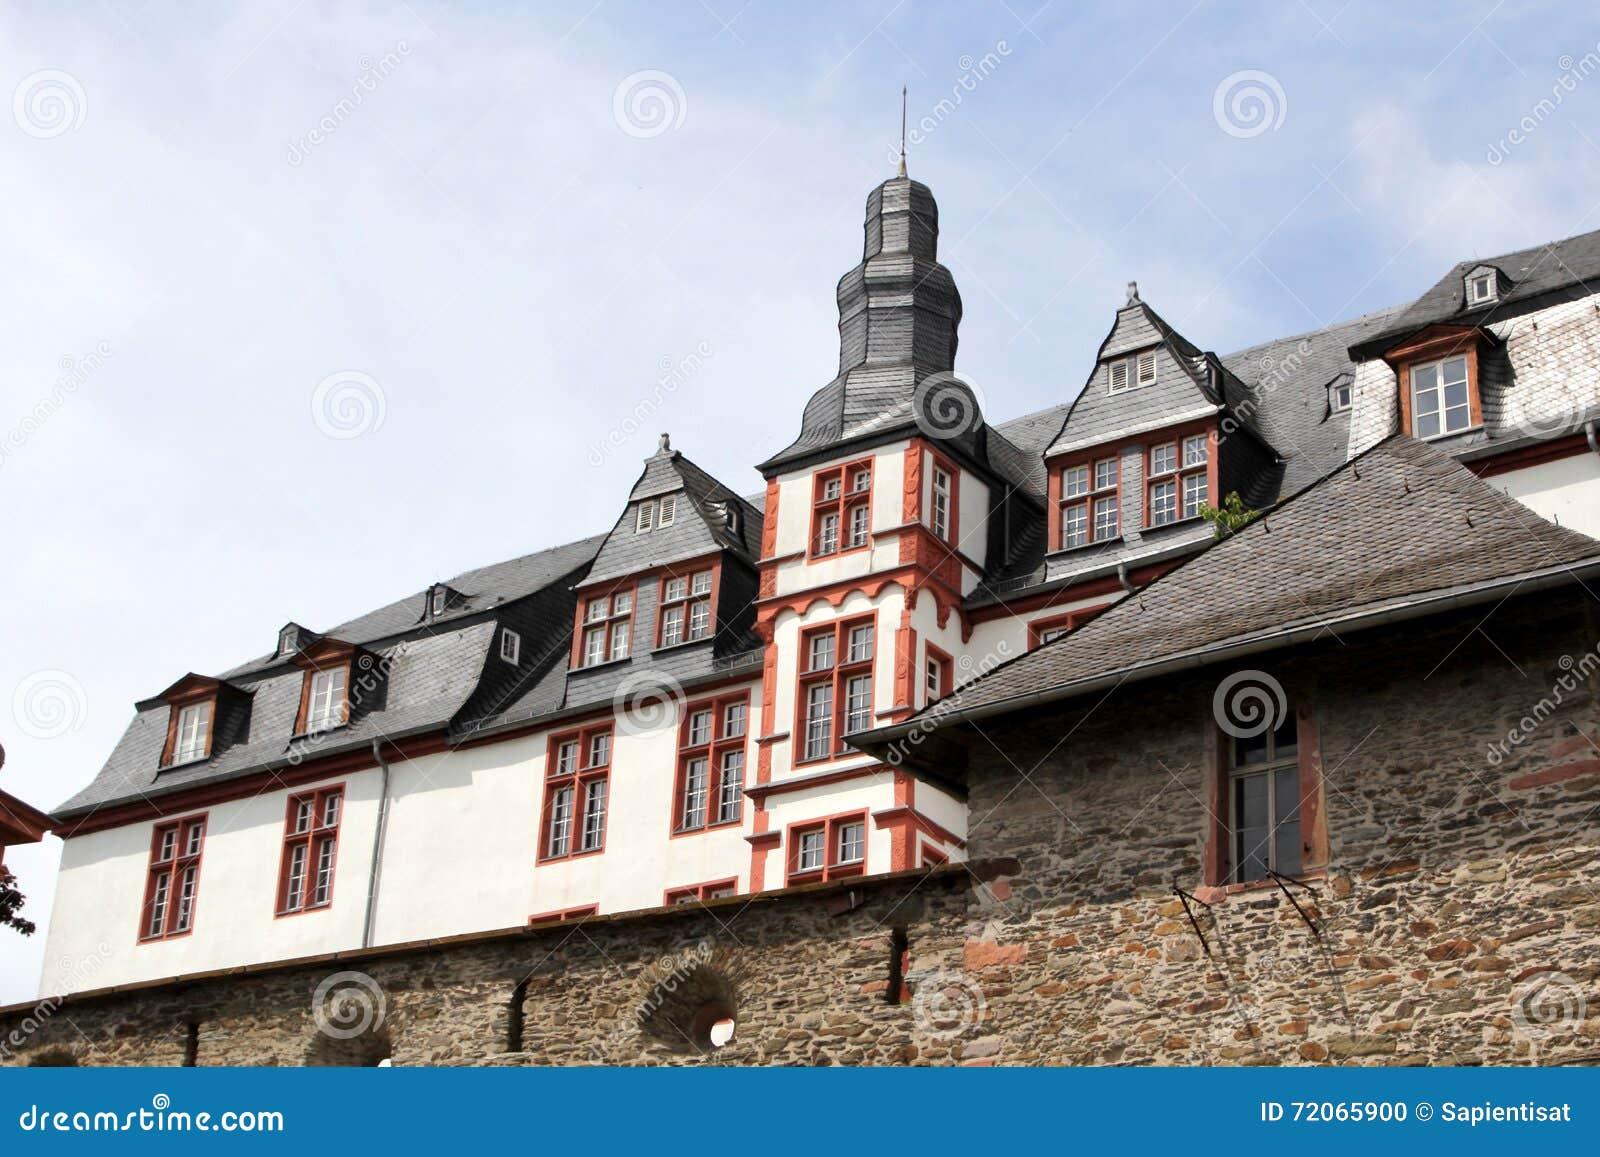 Idstein, Germany.